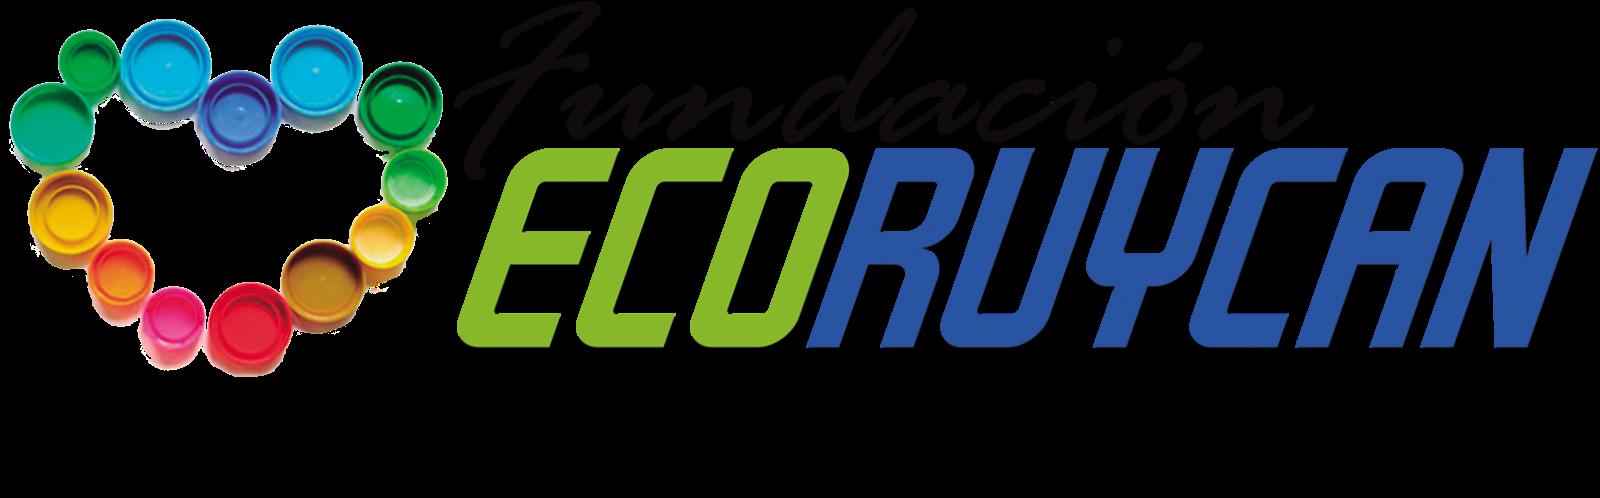 Fundación Ecoruycan - Juntos por el más desfavorecido